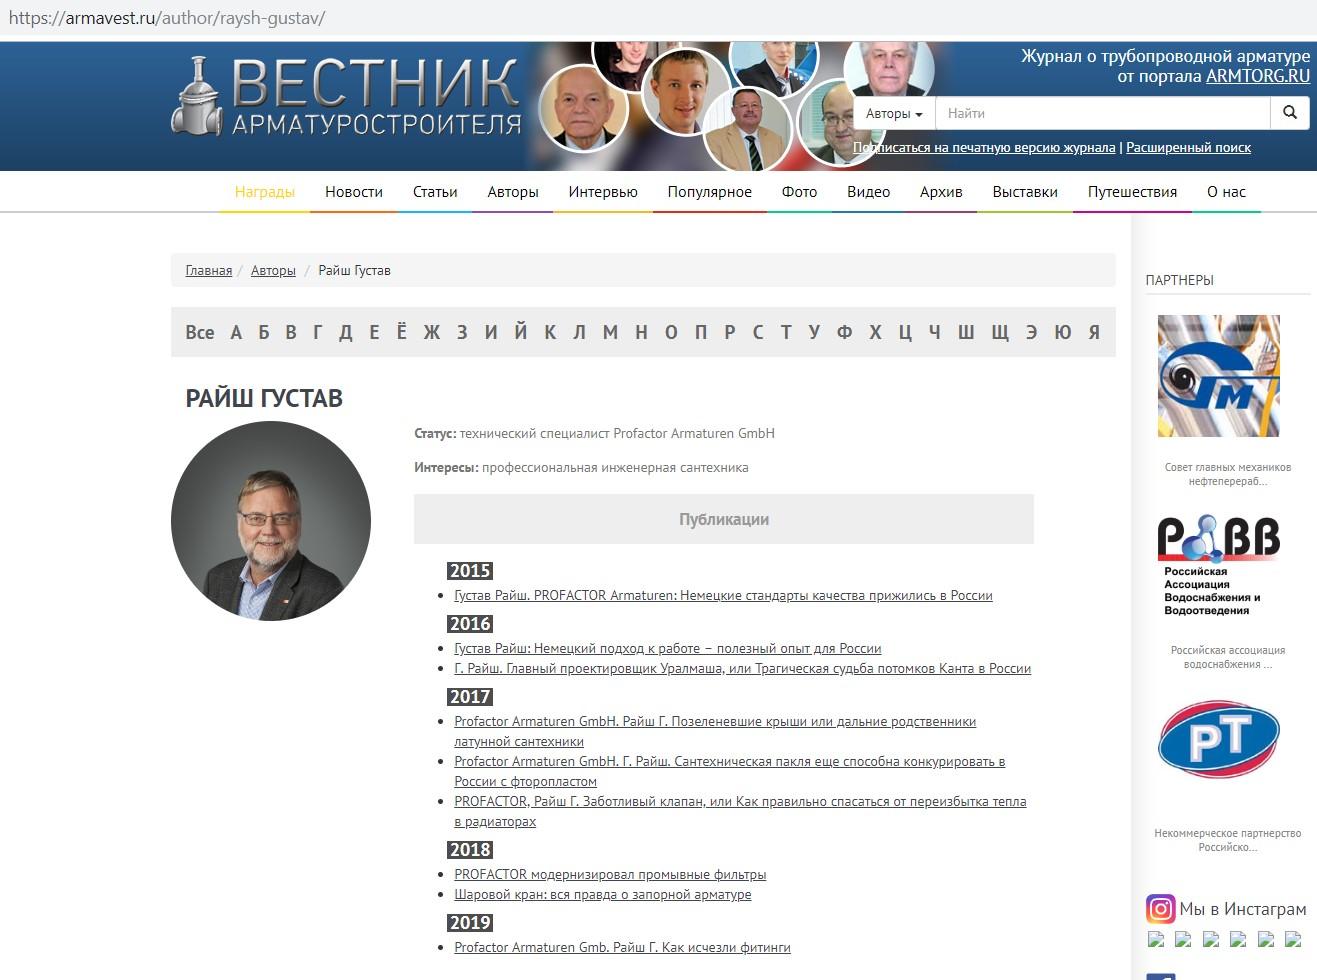 Профактор сантехника - страница Густава Райша в 2019 году